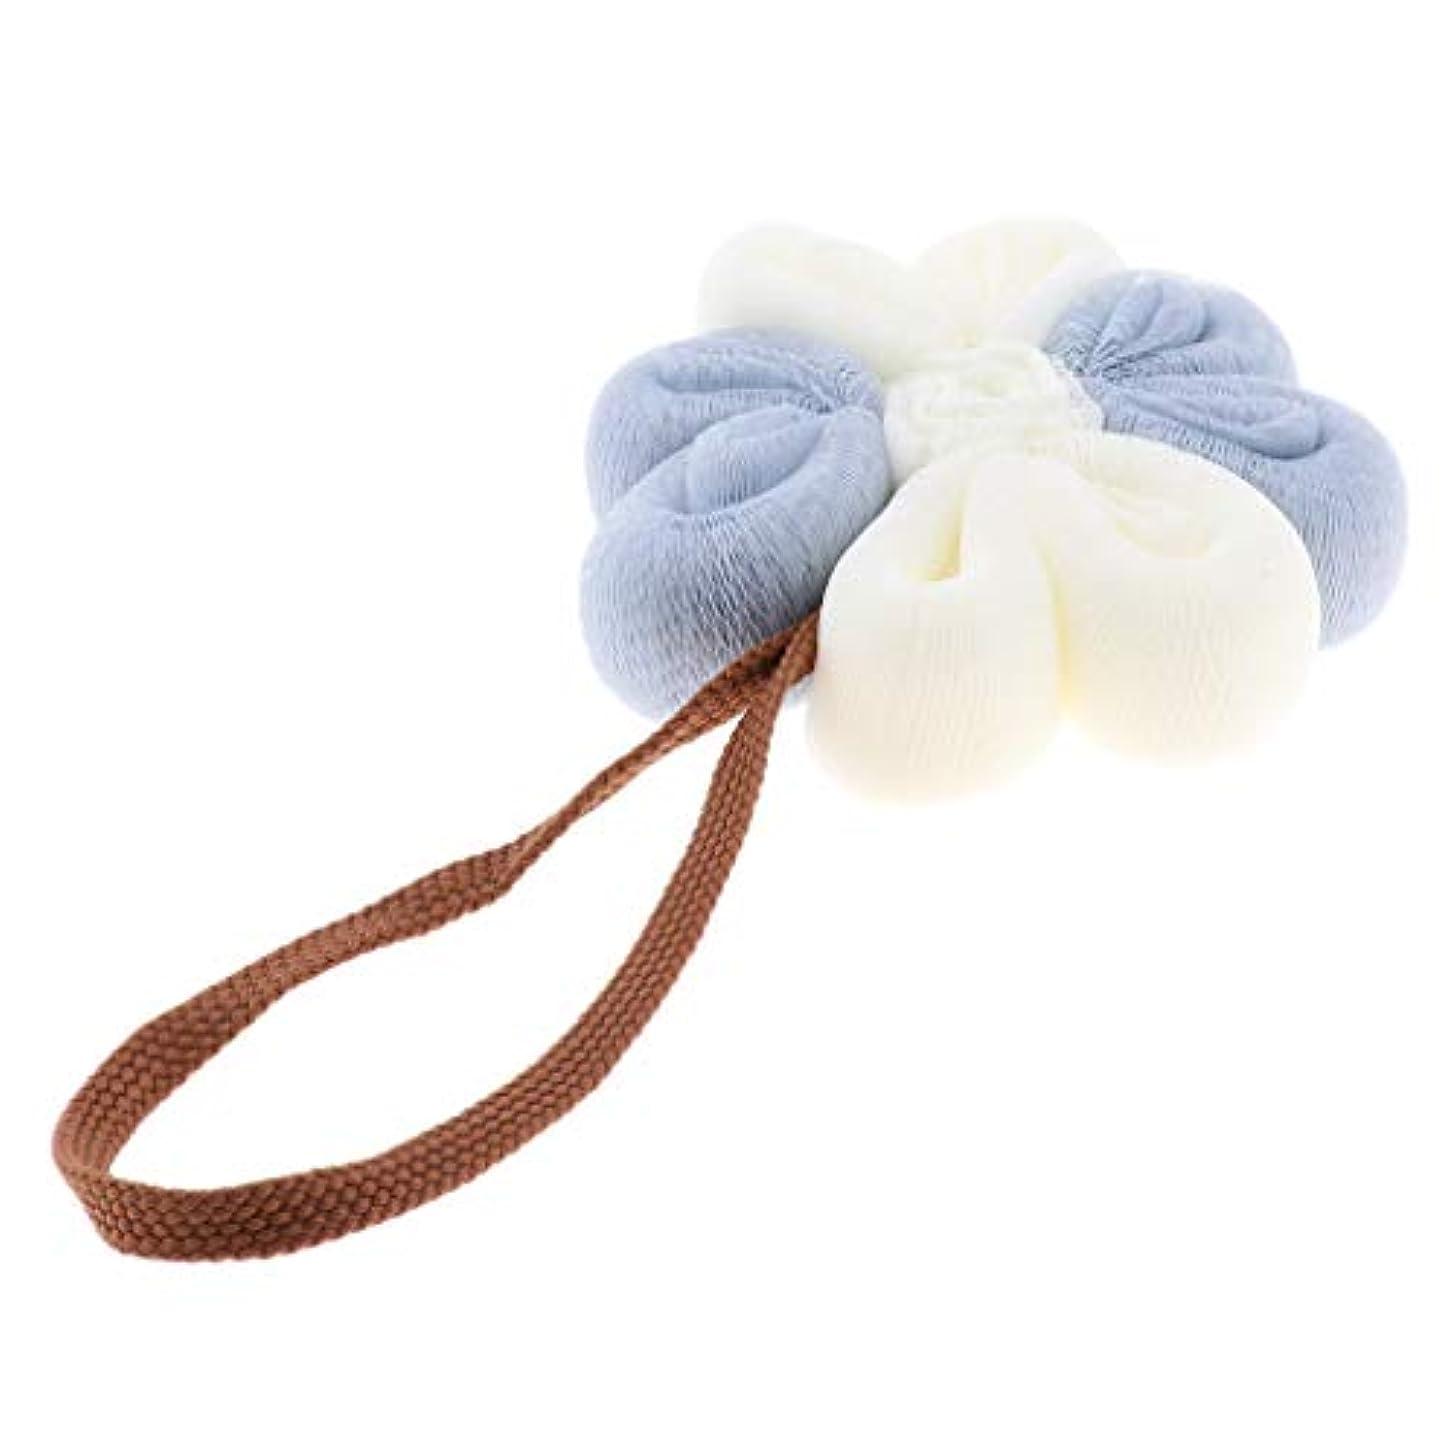 フラッシュのように素早く無し慢なHellery 女性男性大浴場シャワースポンジ剥離パフスクラバーボールパッド - ブルーホワイト